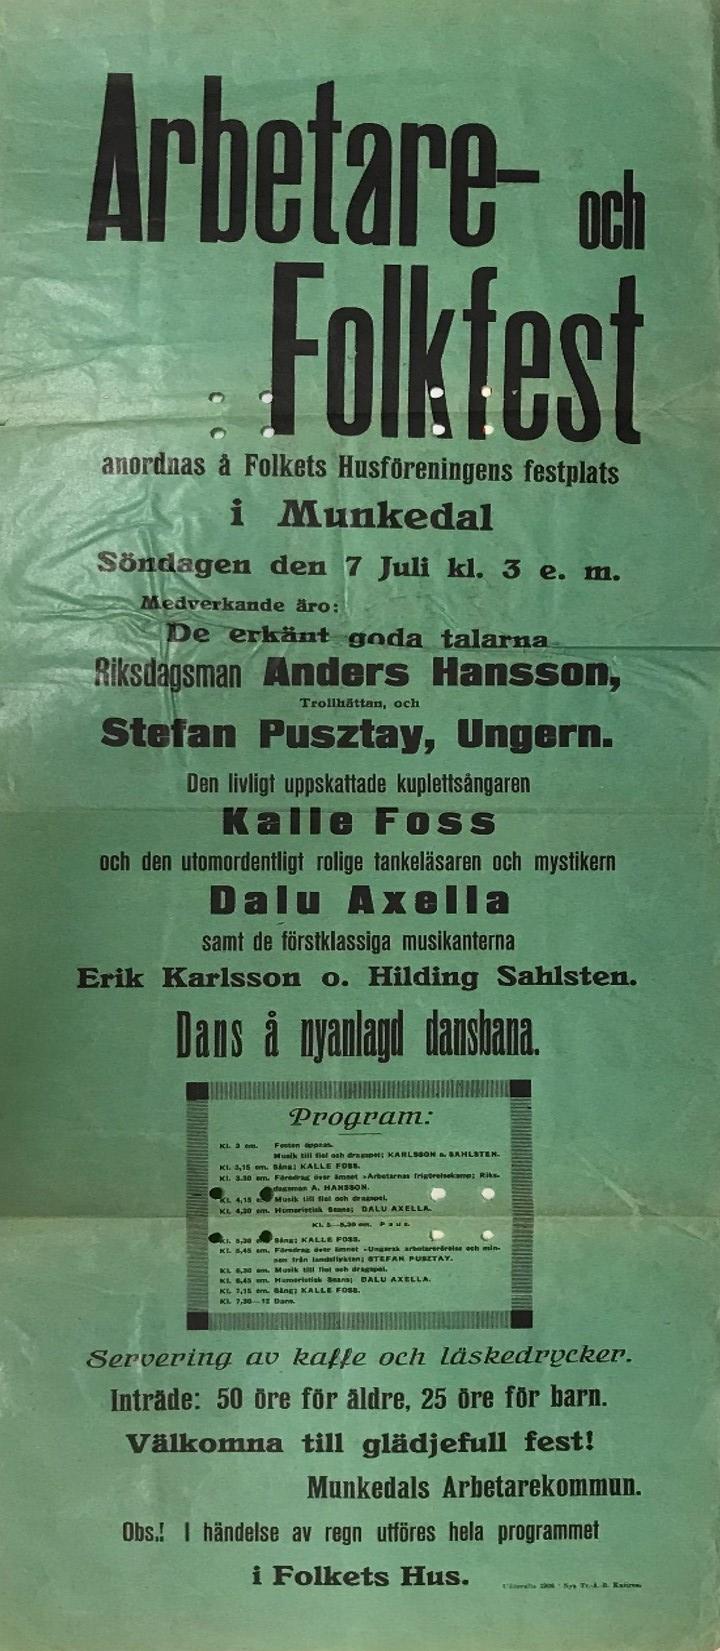 Affisch reklam för Arbetare och folkfest i Munkedal